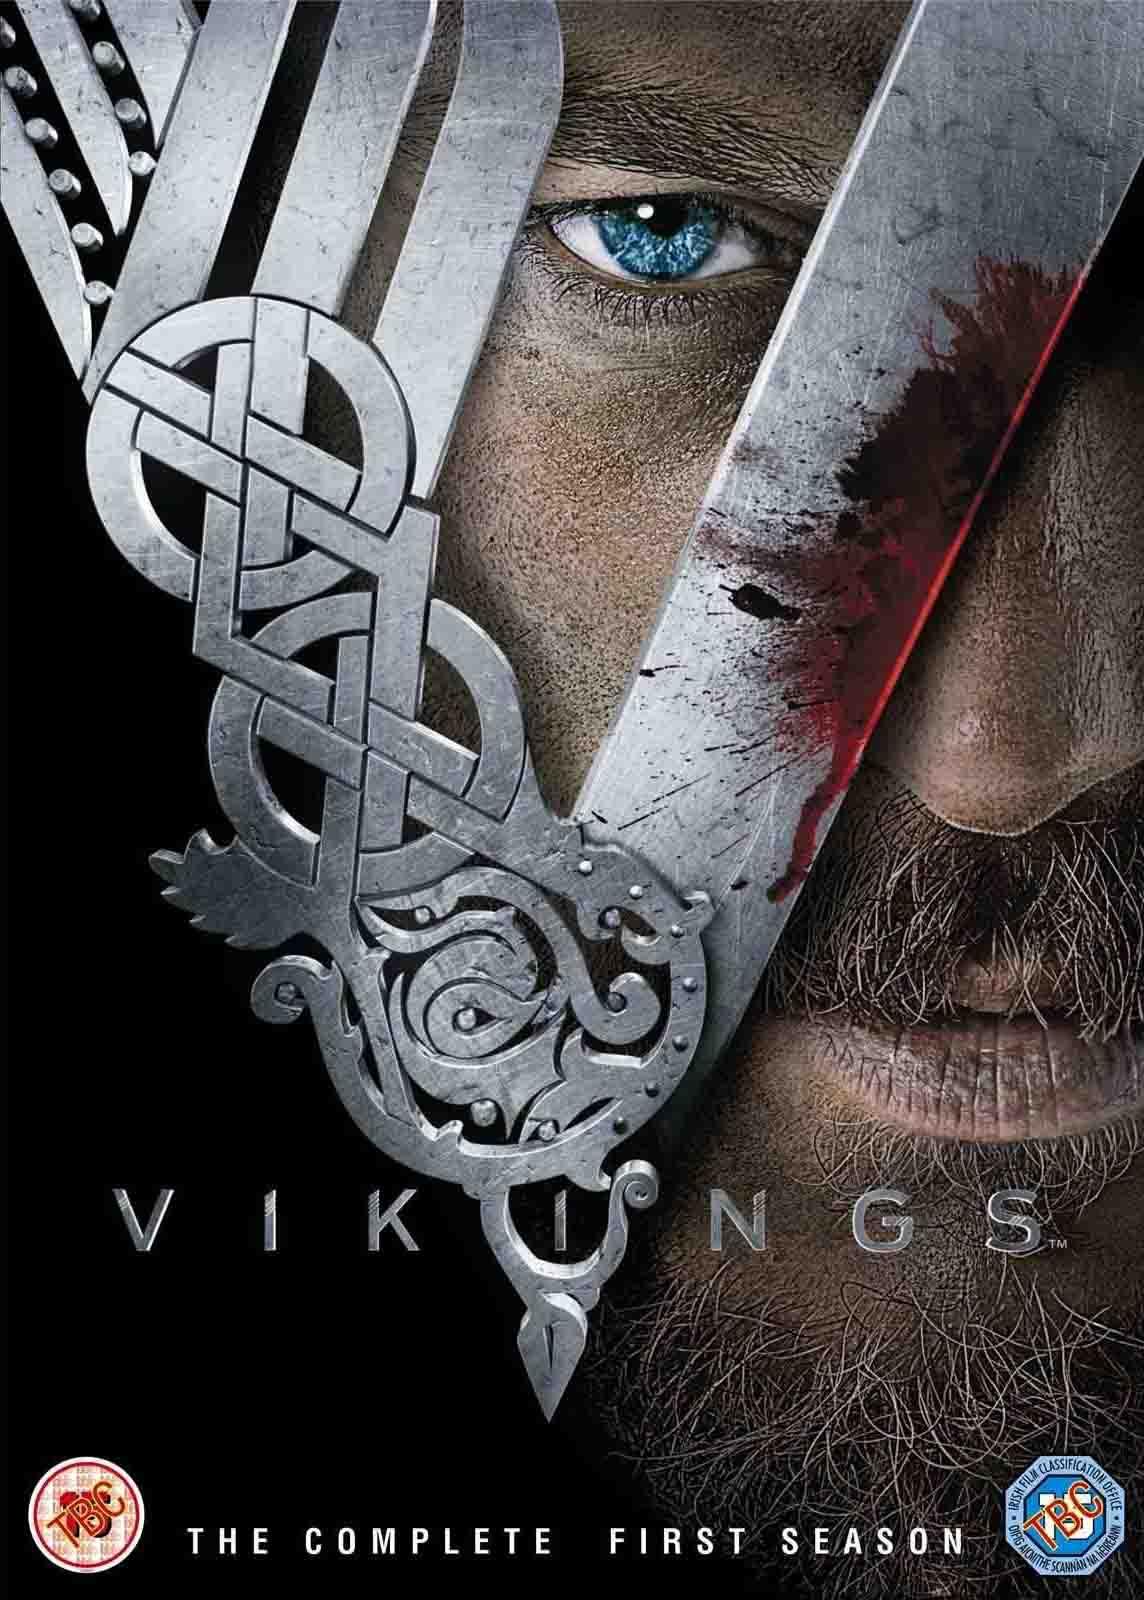 Vikings 1ª Temporada Edição Estendida Torrent – BluRay 720p e 1080p Dual Áudio (2013)